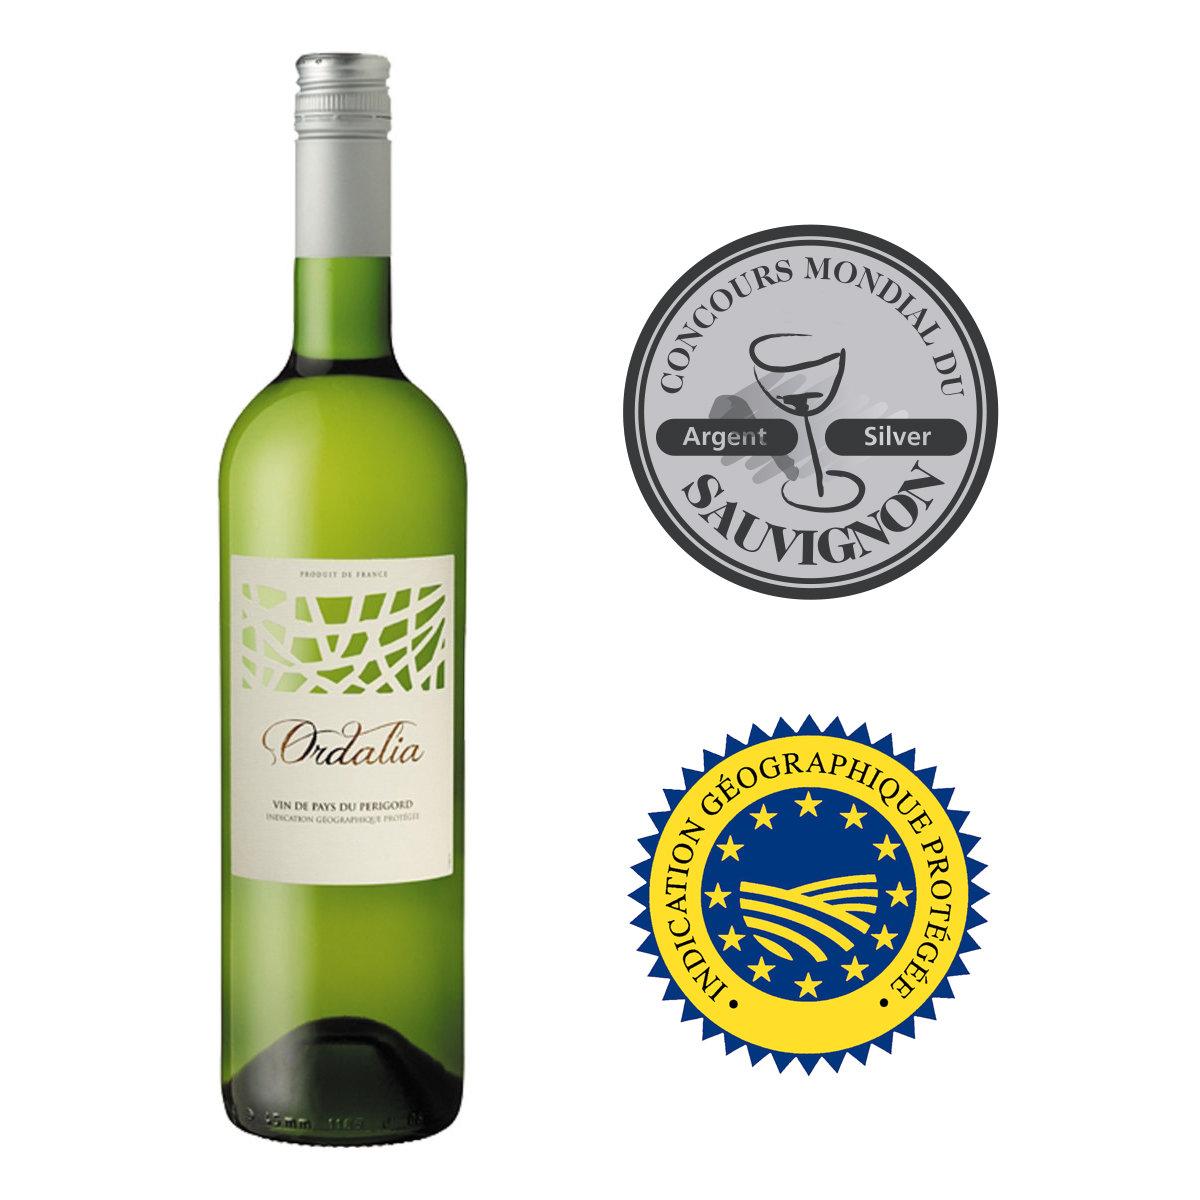 Ordalia Sauvignon Blanc 2014